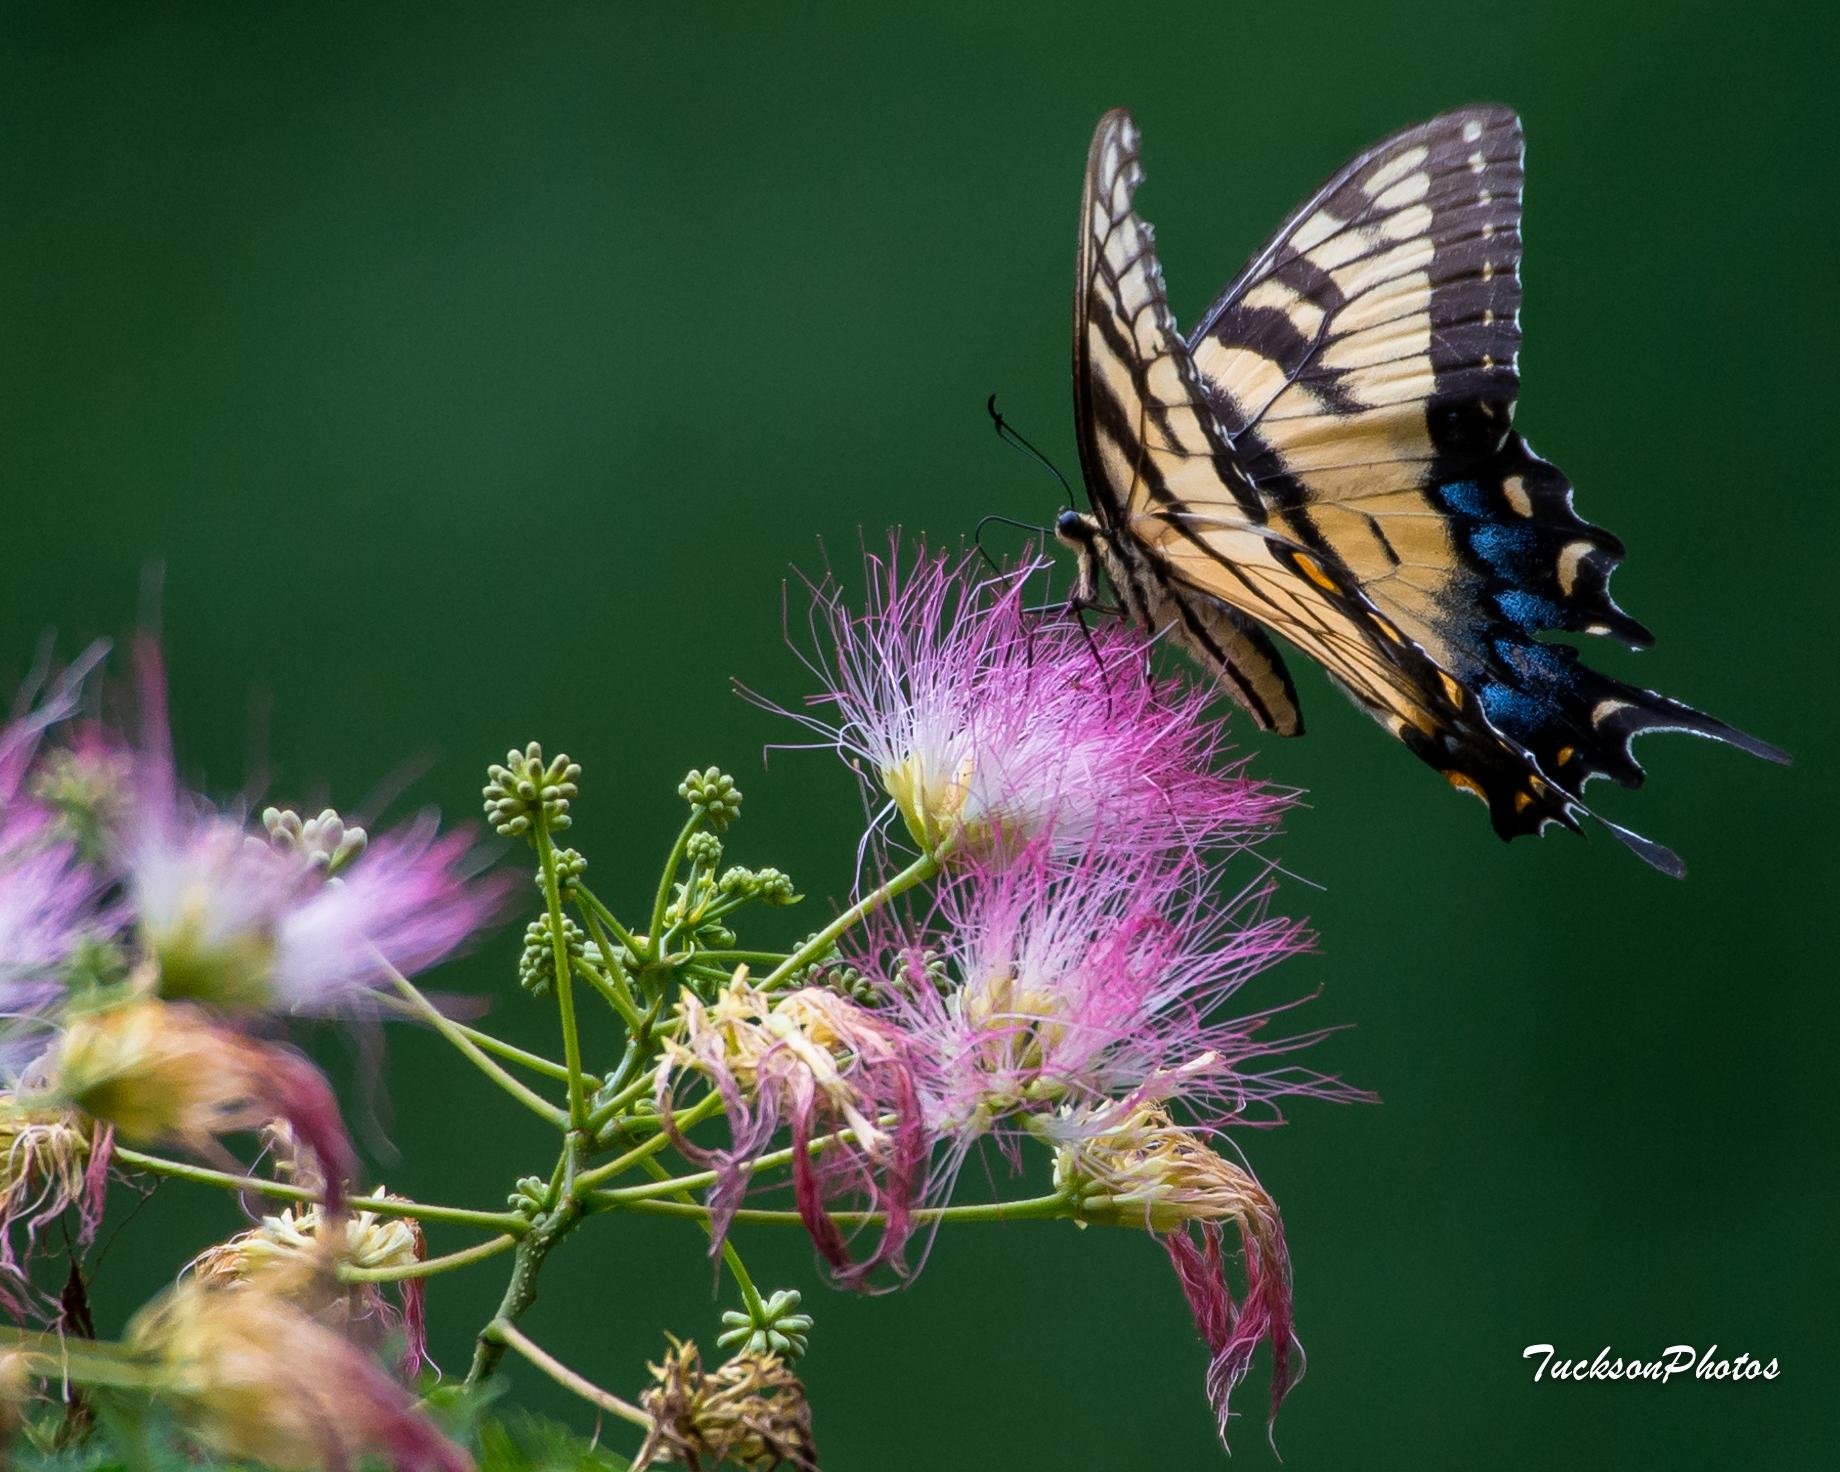 Cánh bướm xinh đẹp điểm xanh